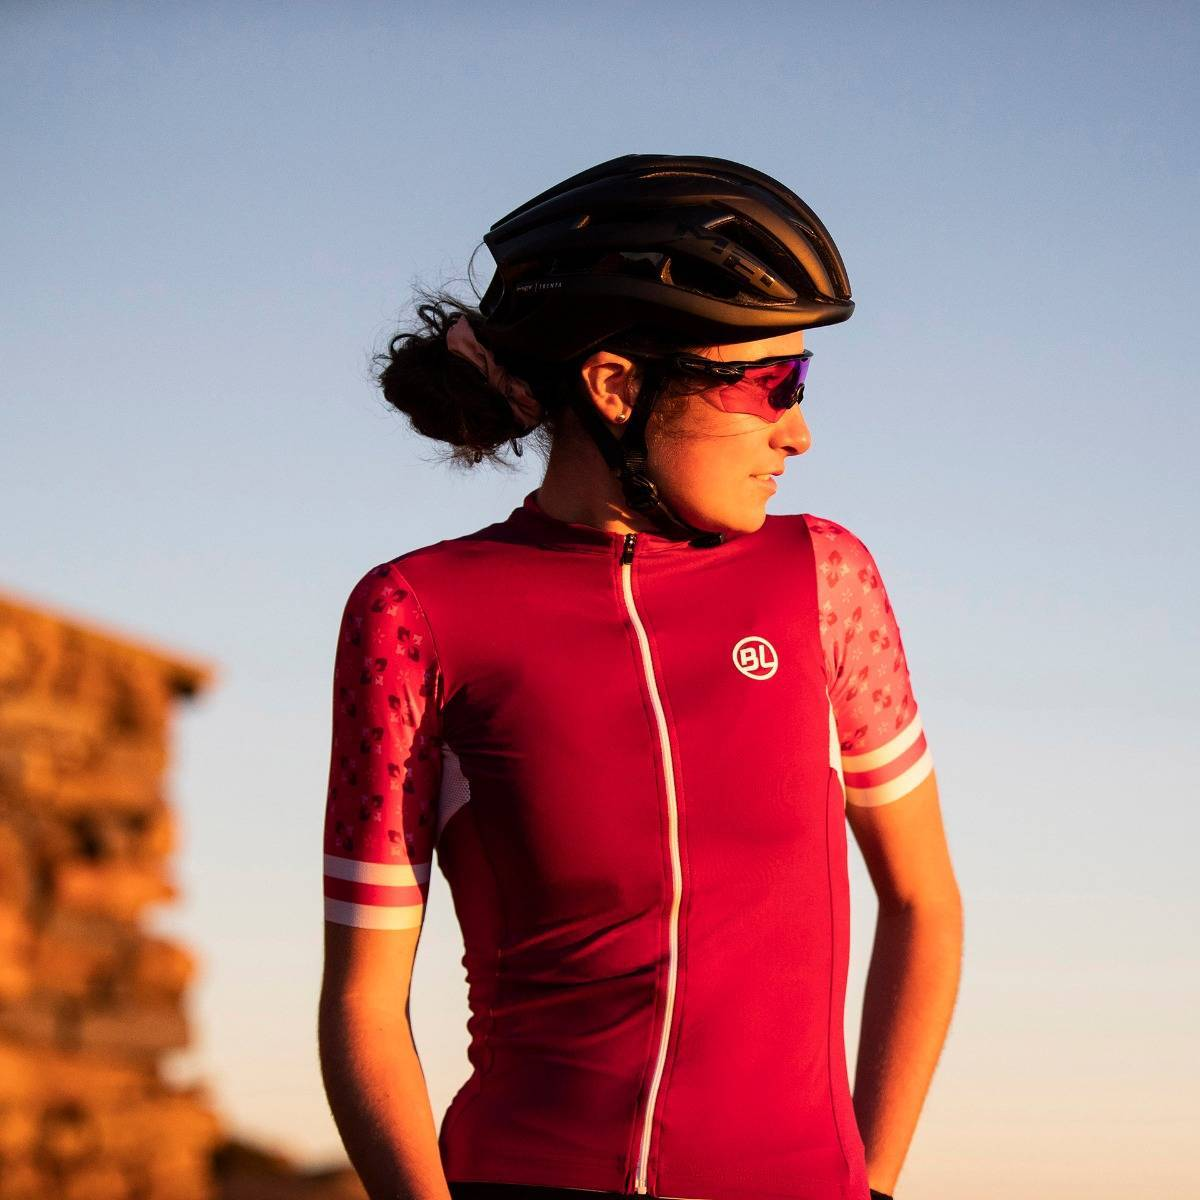 Maglia manica corta ciclismo donna Ninfea viola